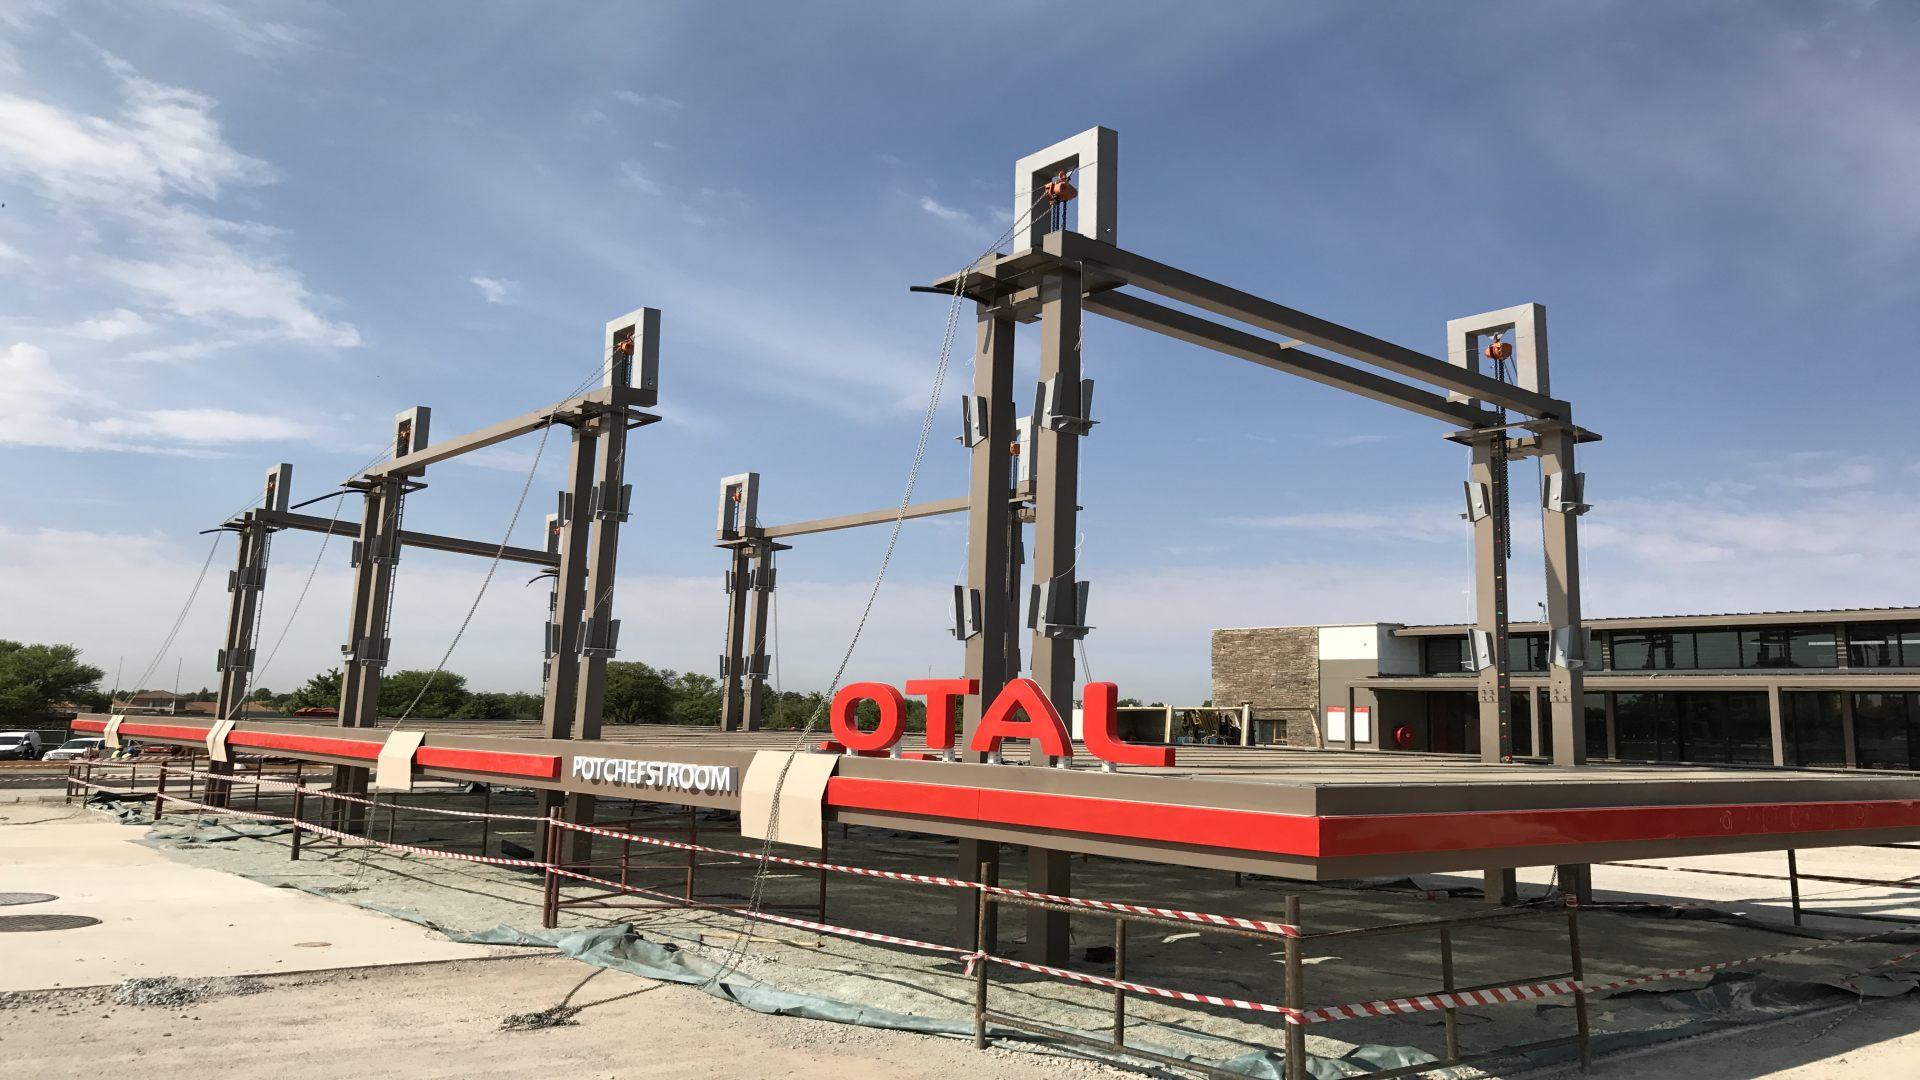 Total Fuel Station Potchefstroom